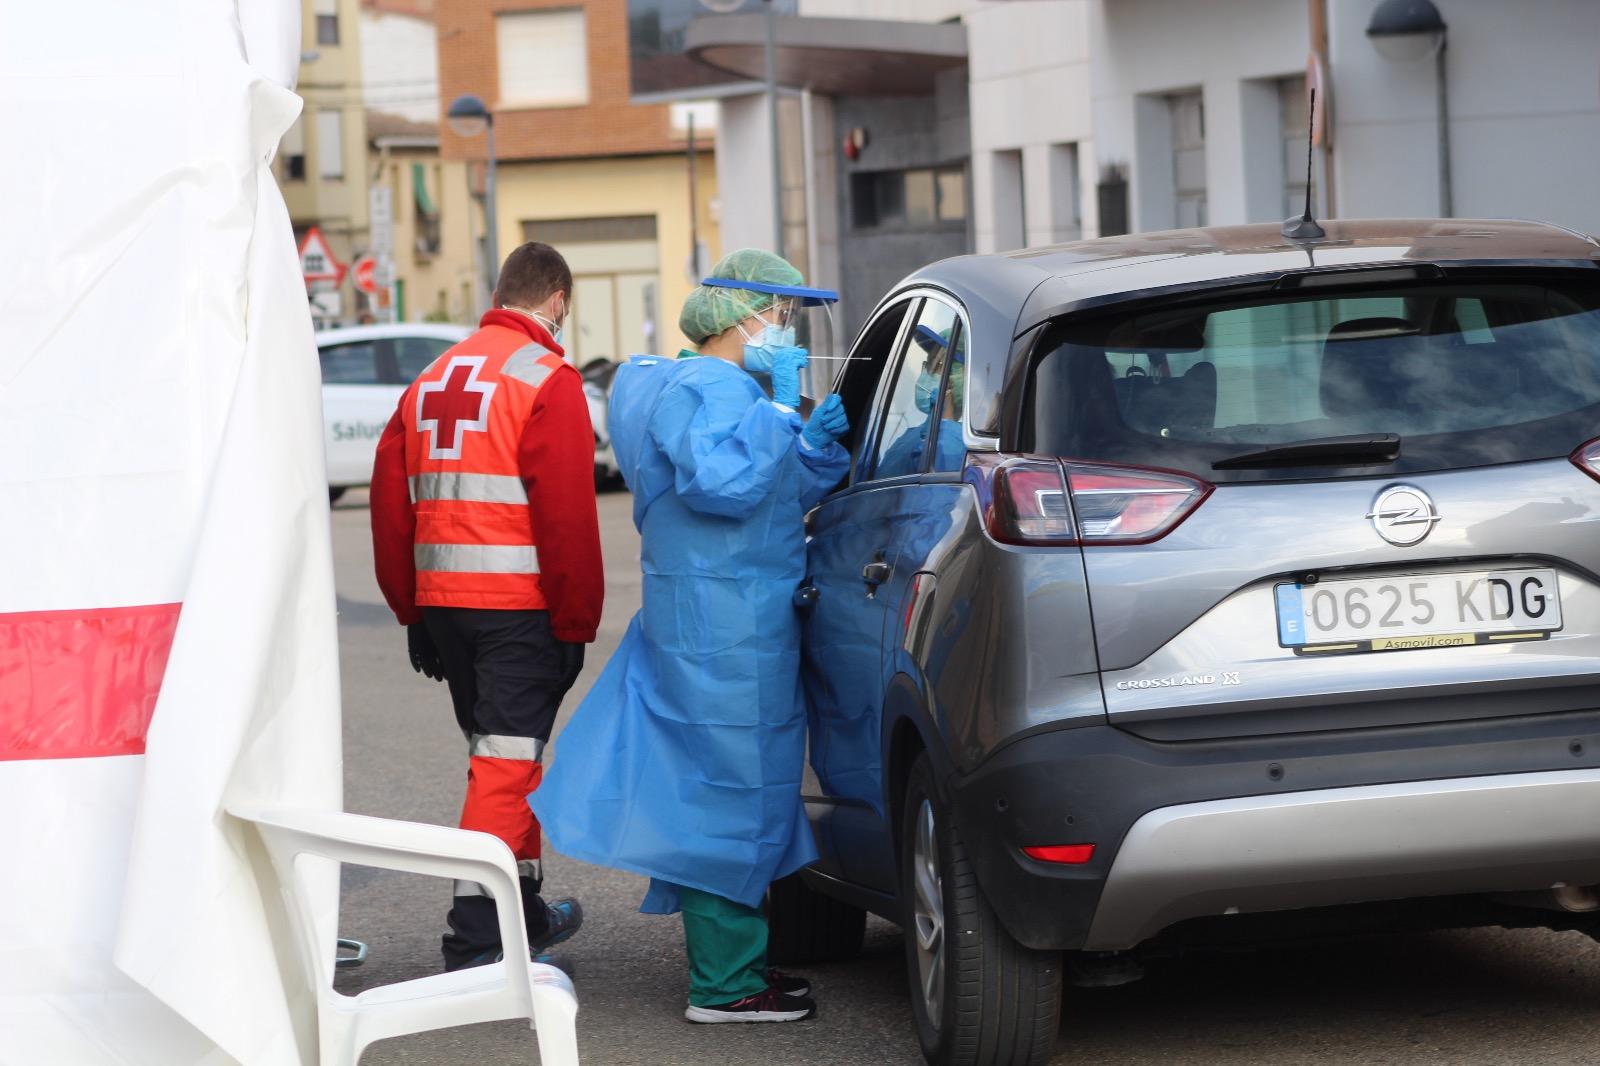 Logroño, Arnedo y Haro lidera los incrementos de casos en la jornada de hoy